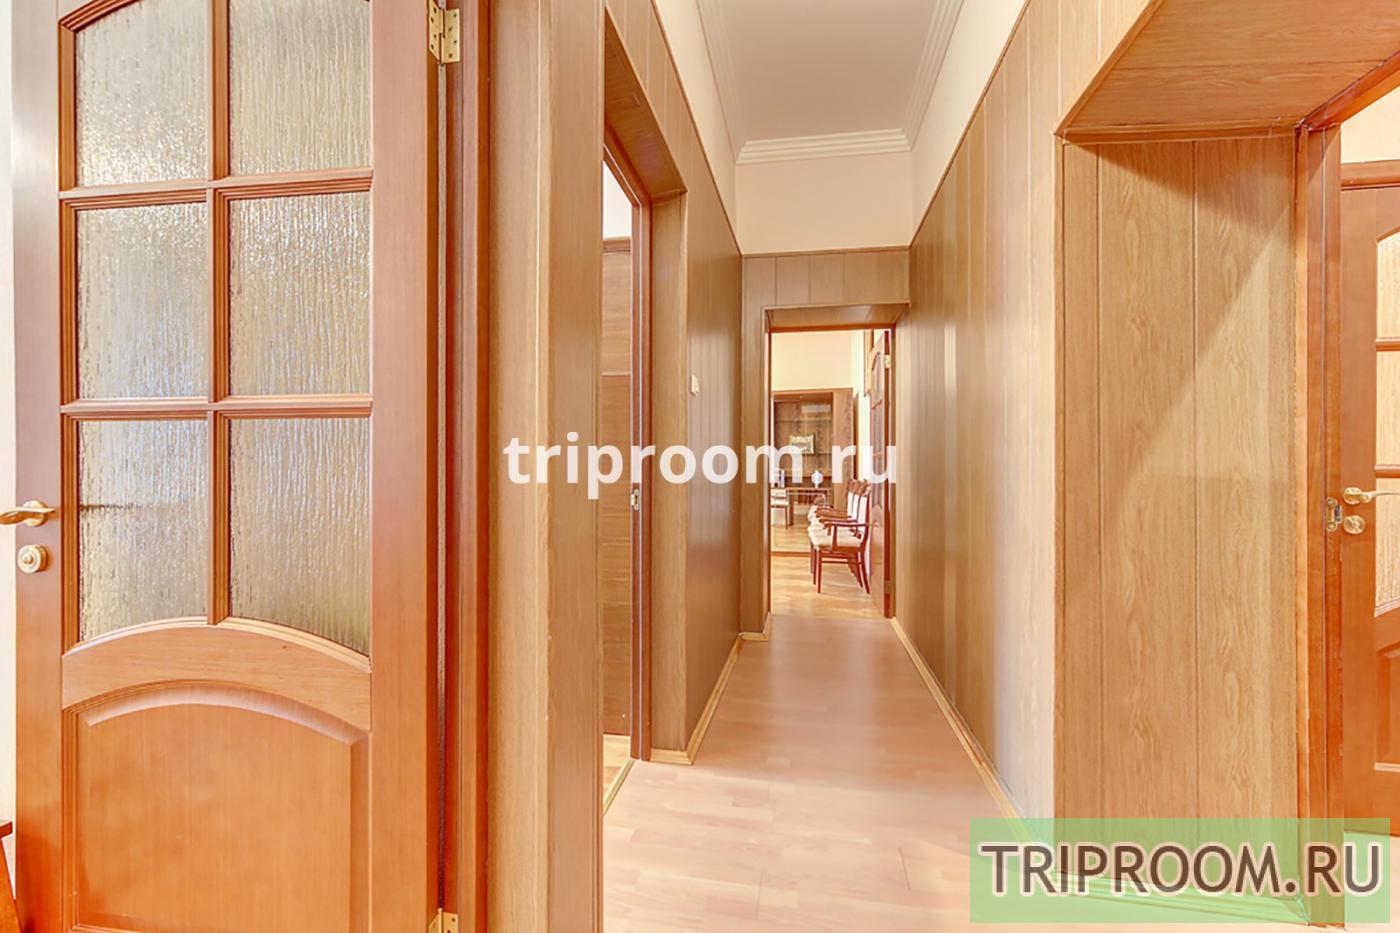 4-комнатная квартира посуточно (вариант № 20160), ул. Реки Мойки набережная, фото № 9